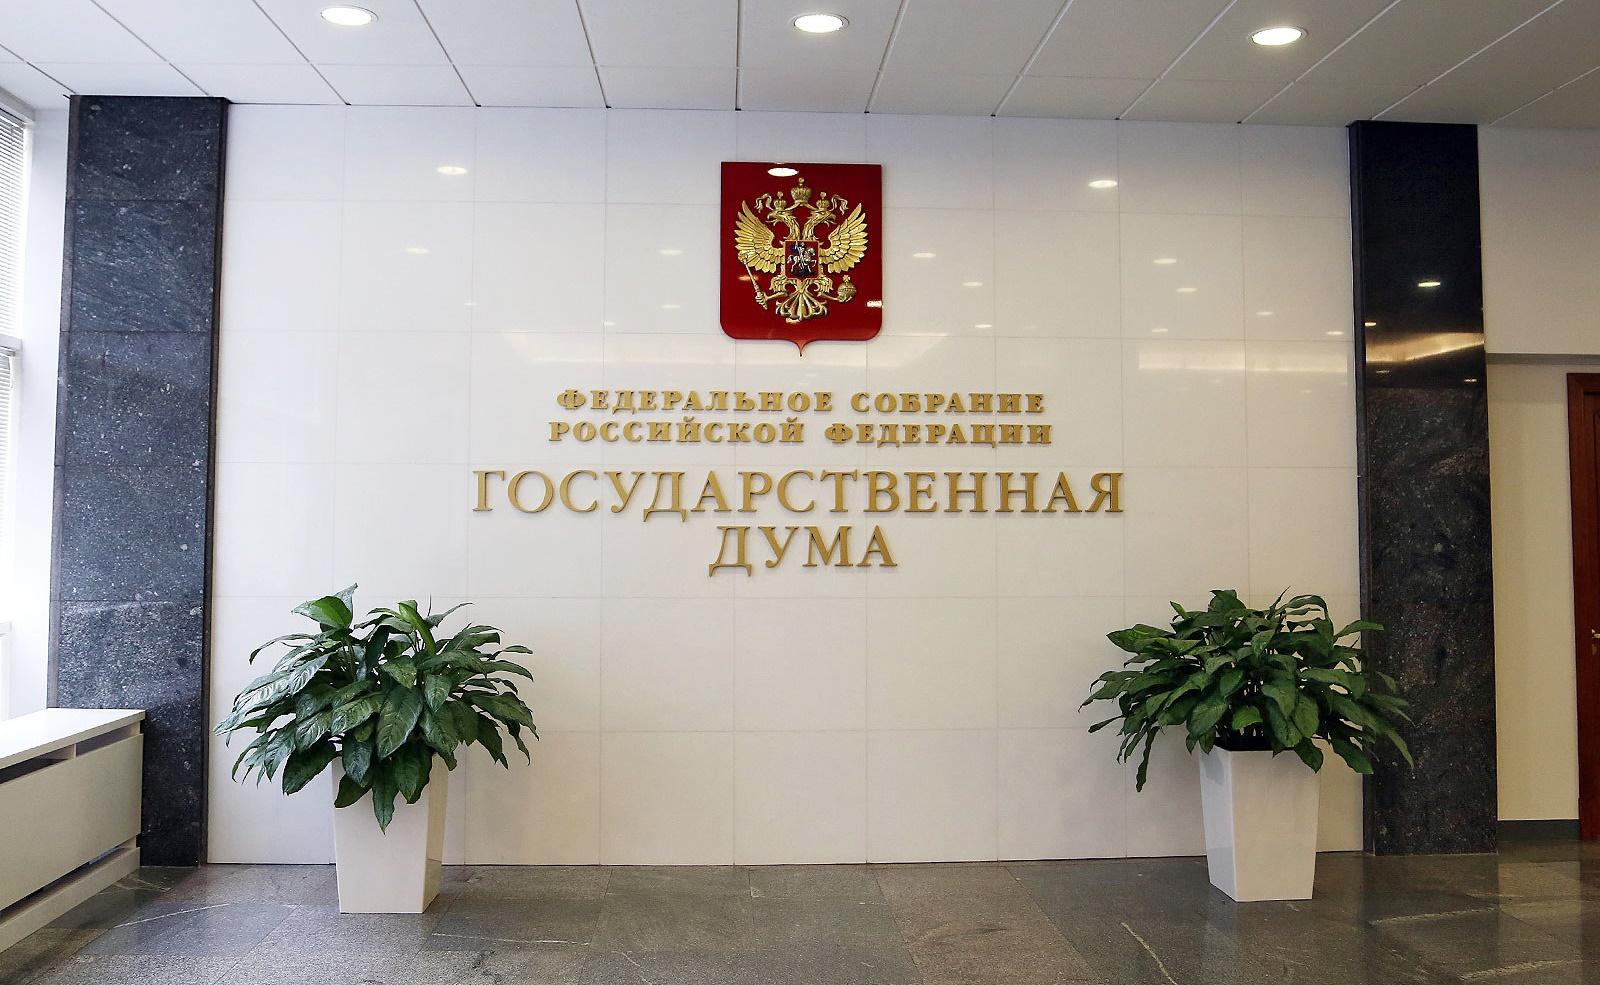 В Госдуму внесены поправки в ГК по поводу токенов и ICO